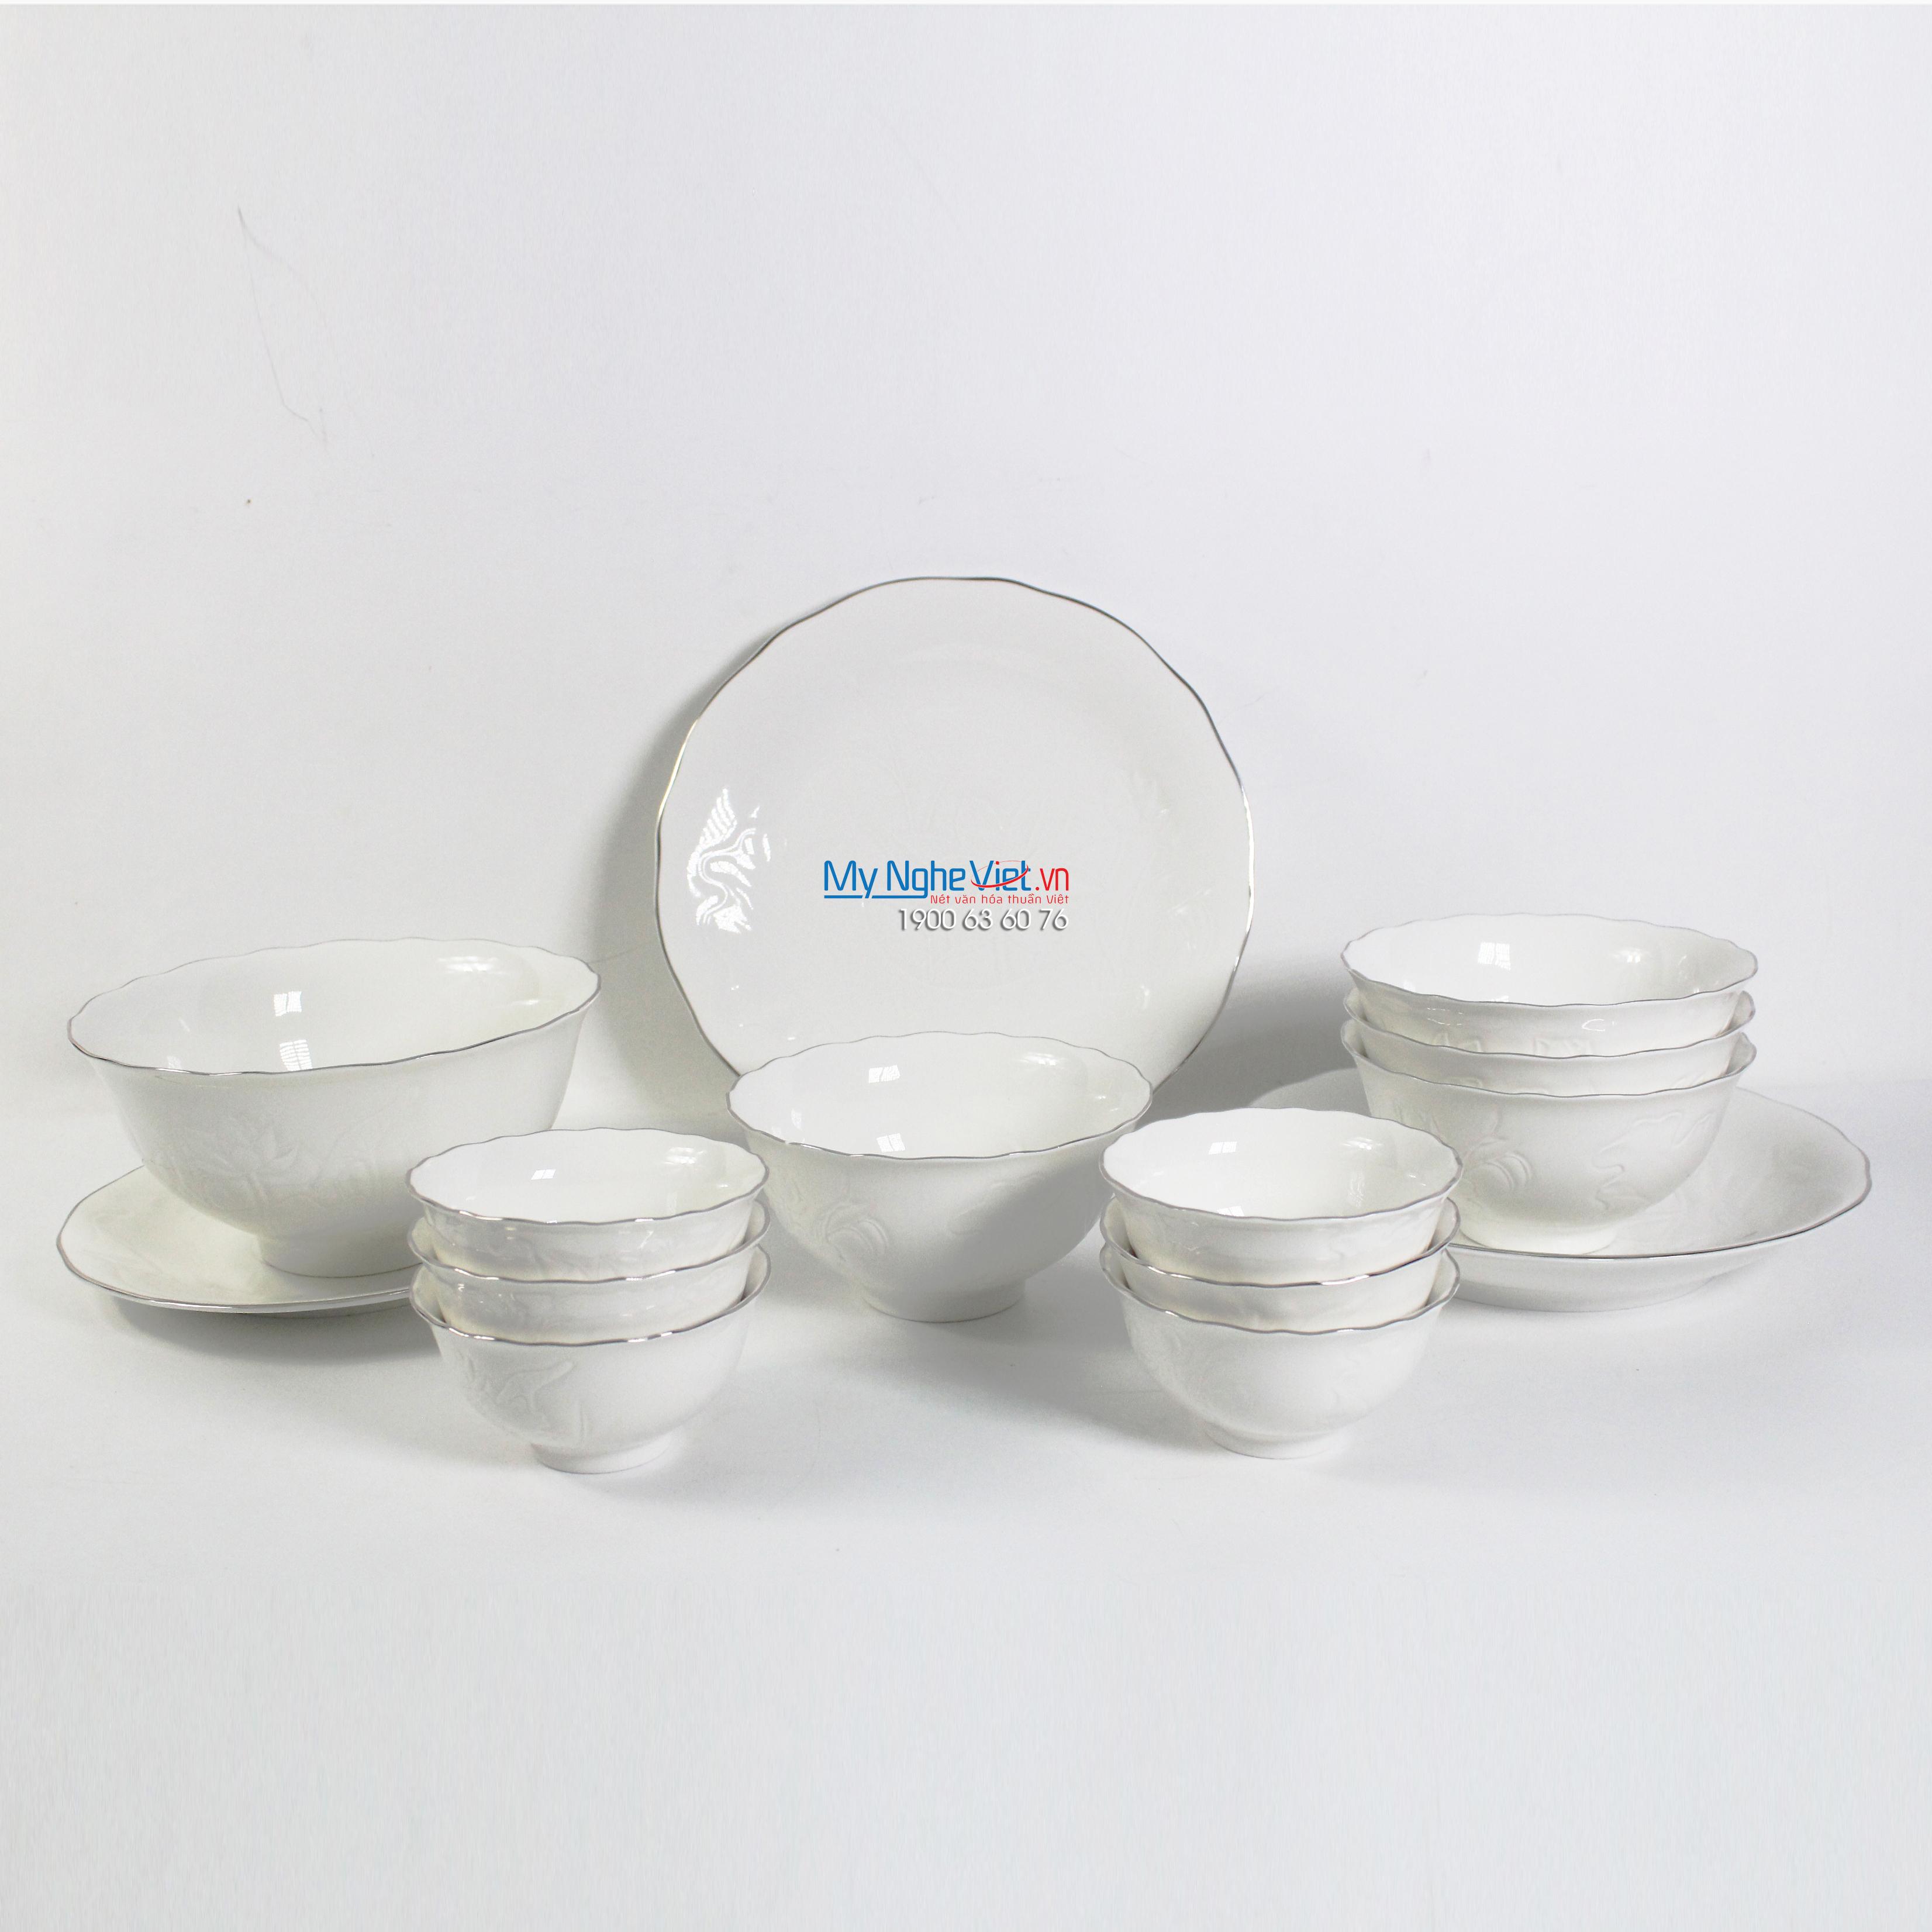 Bộ chén dĩa bàn ăn – Sen – Chỉ bạch kim - MNV-351428043